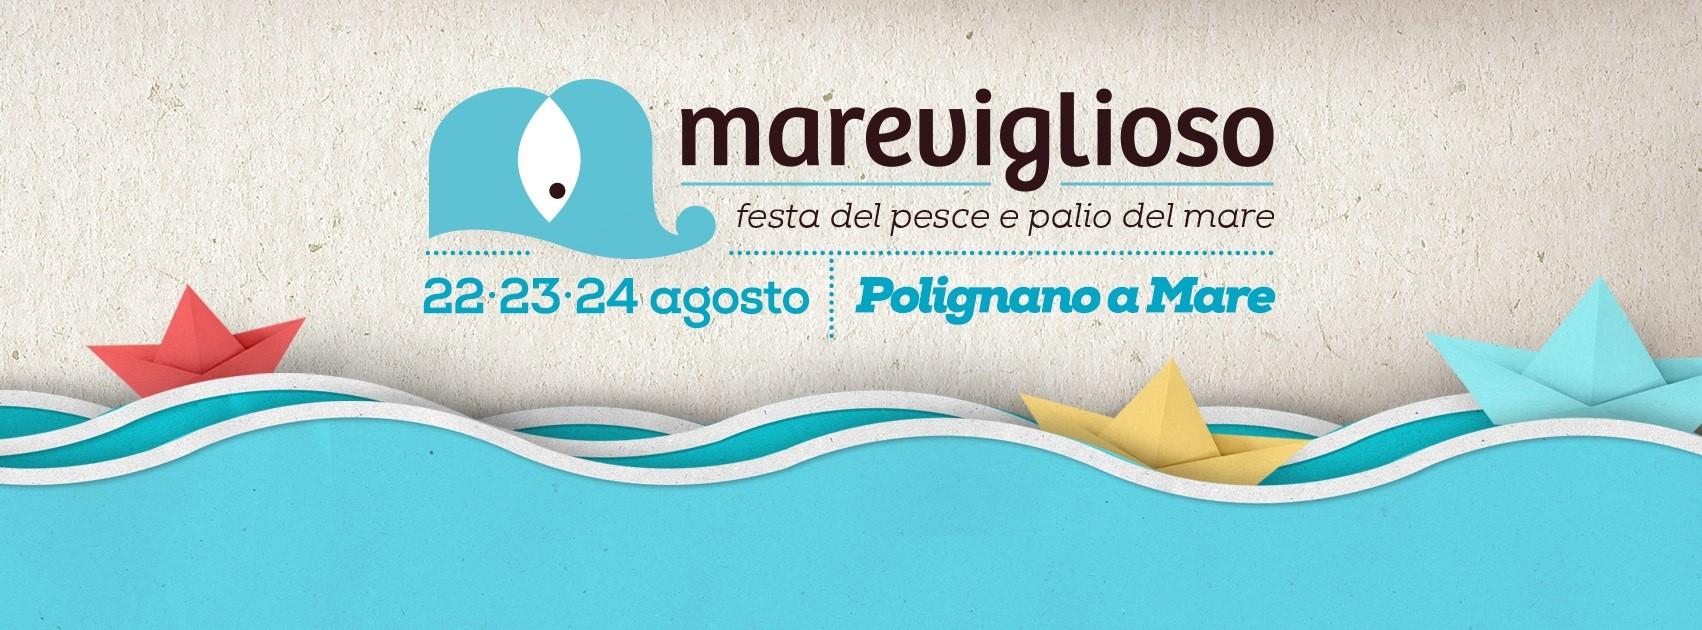 Cover_Mareviglioso2014